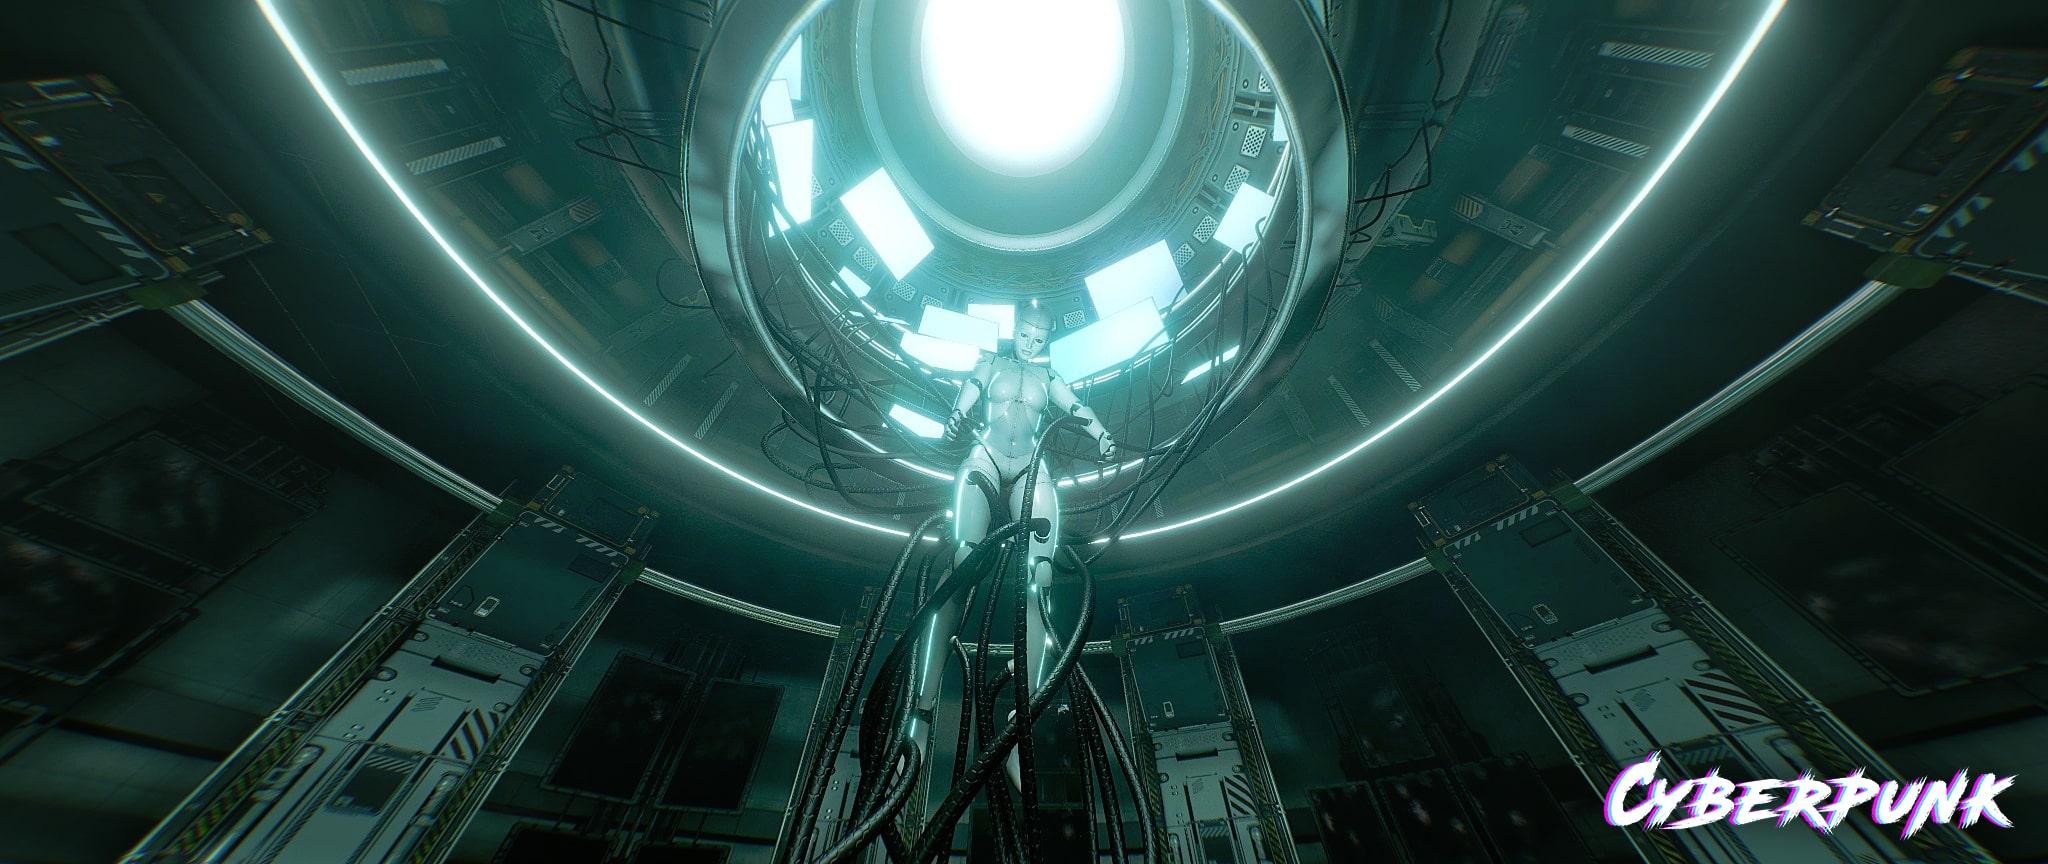 Cyberpunk 7